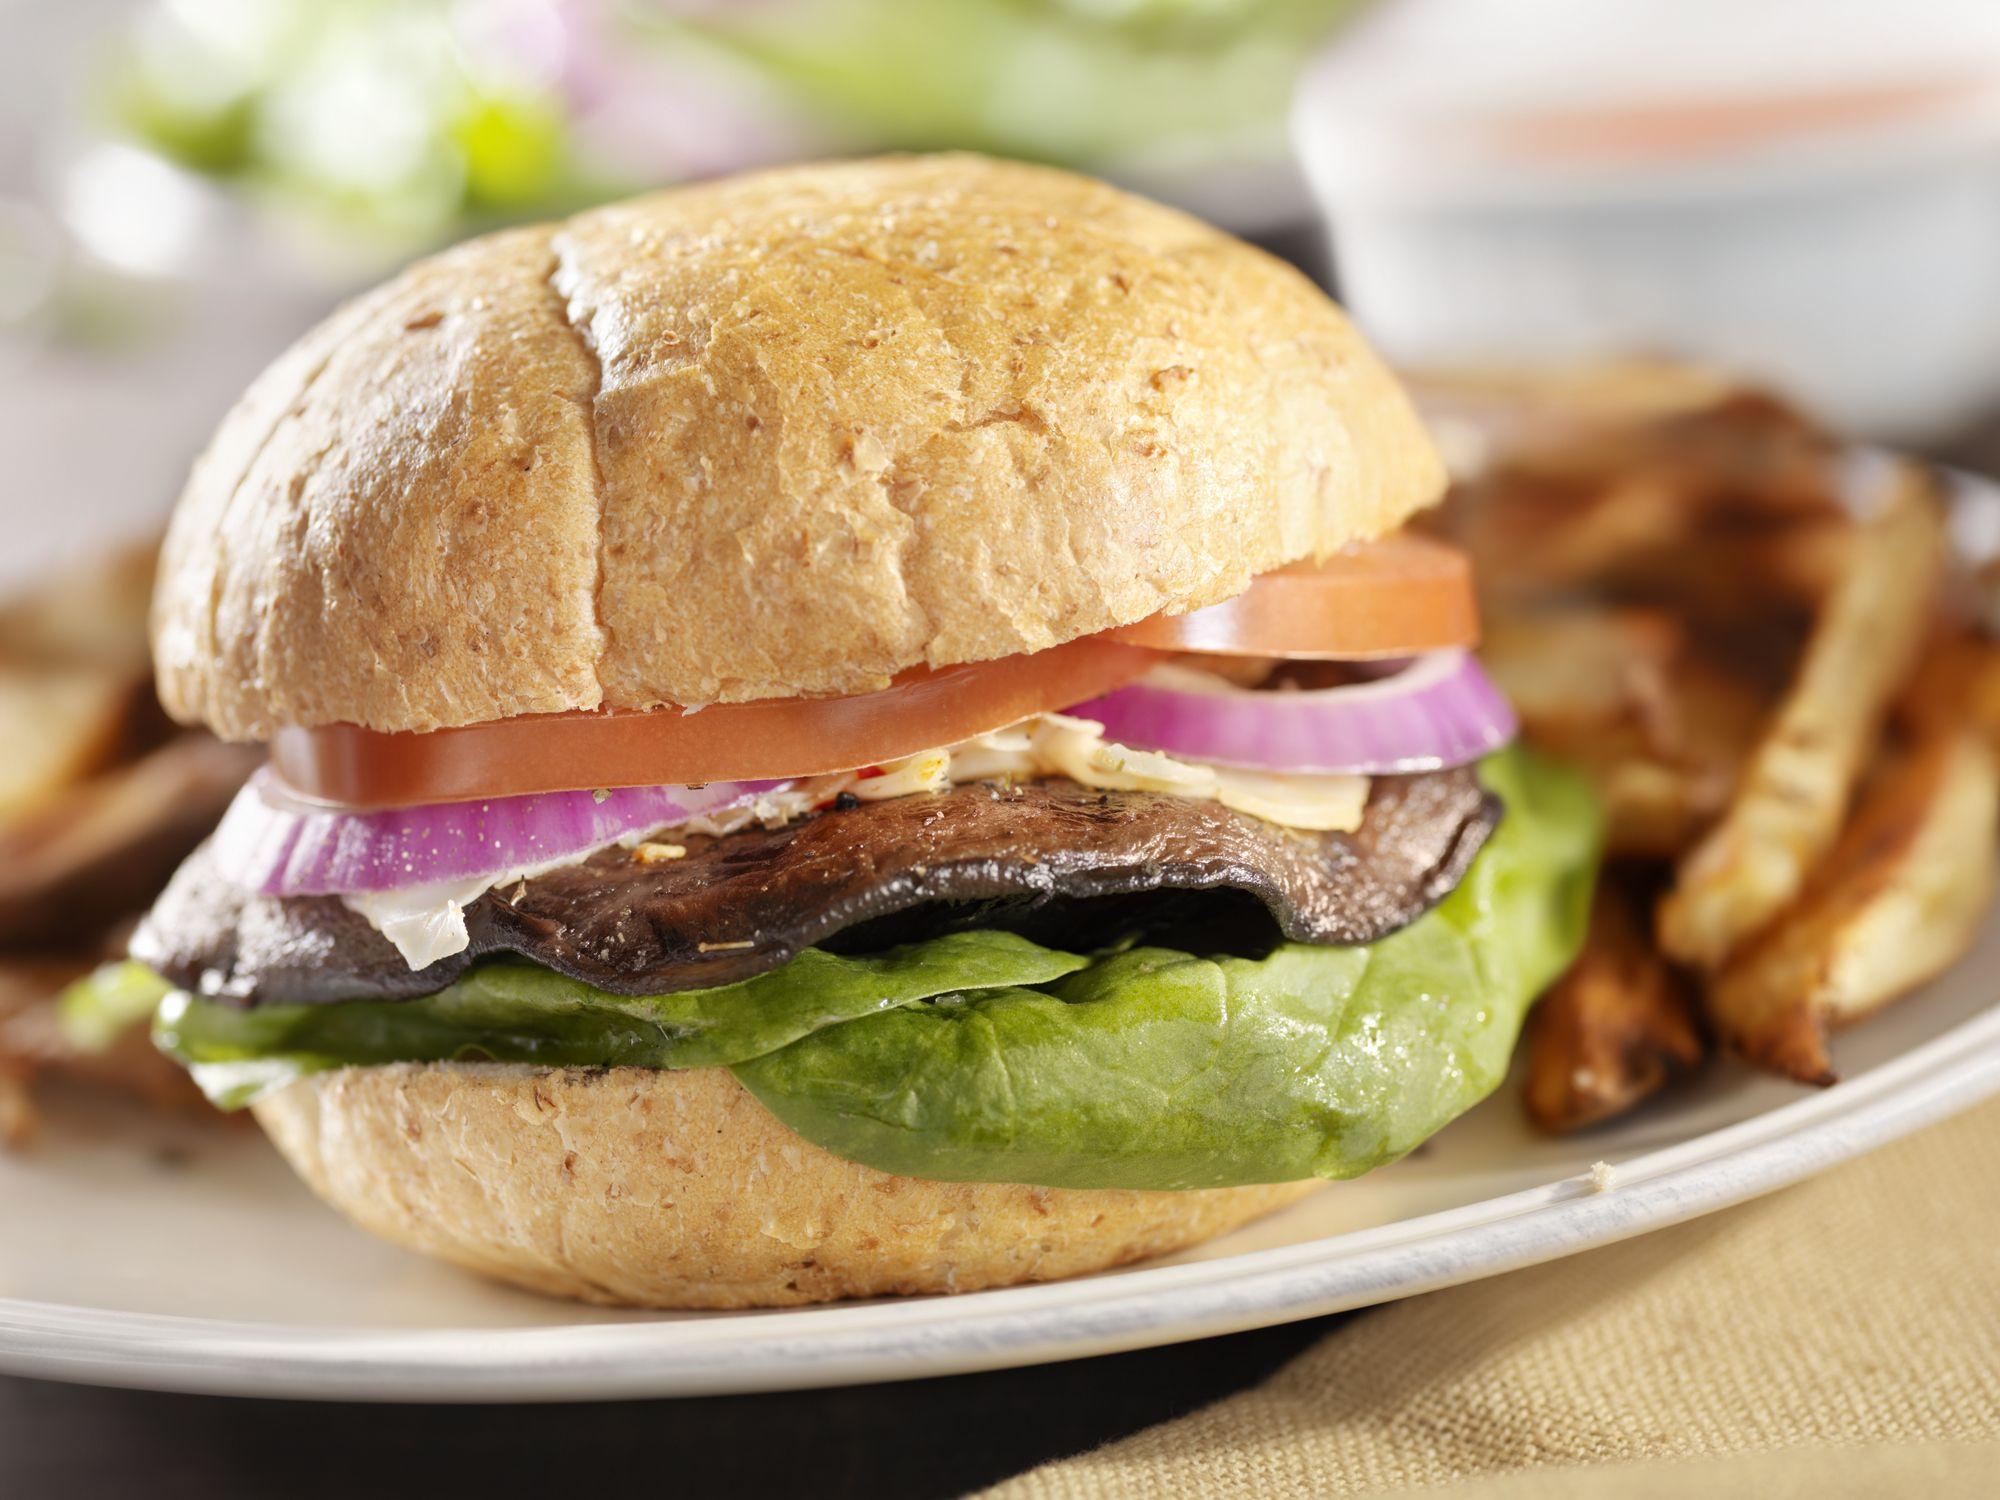 Portobello-Mushroom-Burgers-GettyImages-157649242-58c1b0703df78c353c594a36